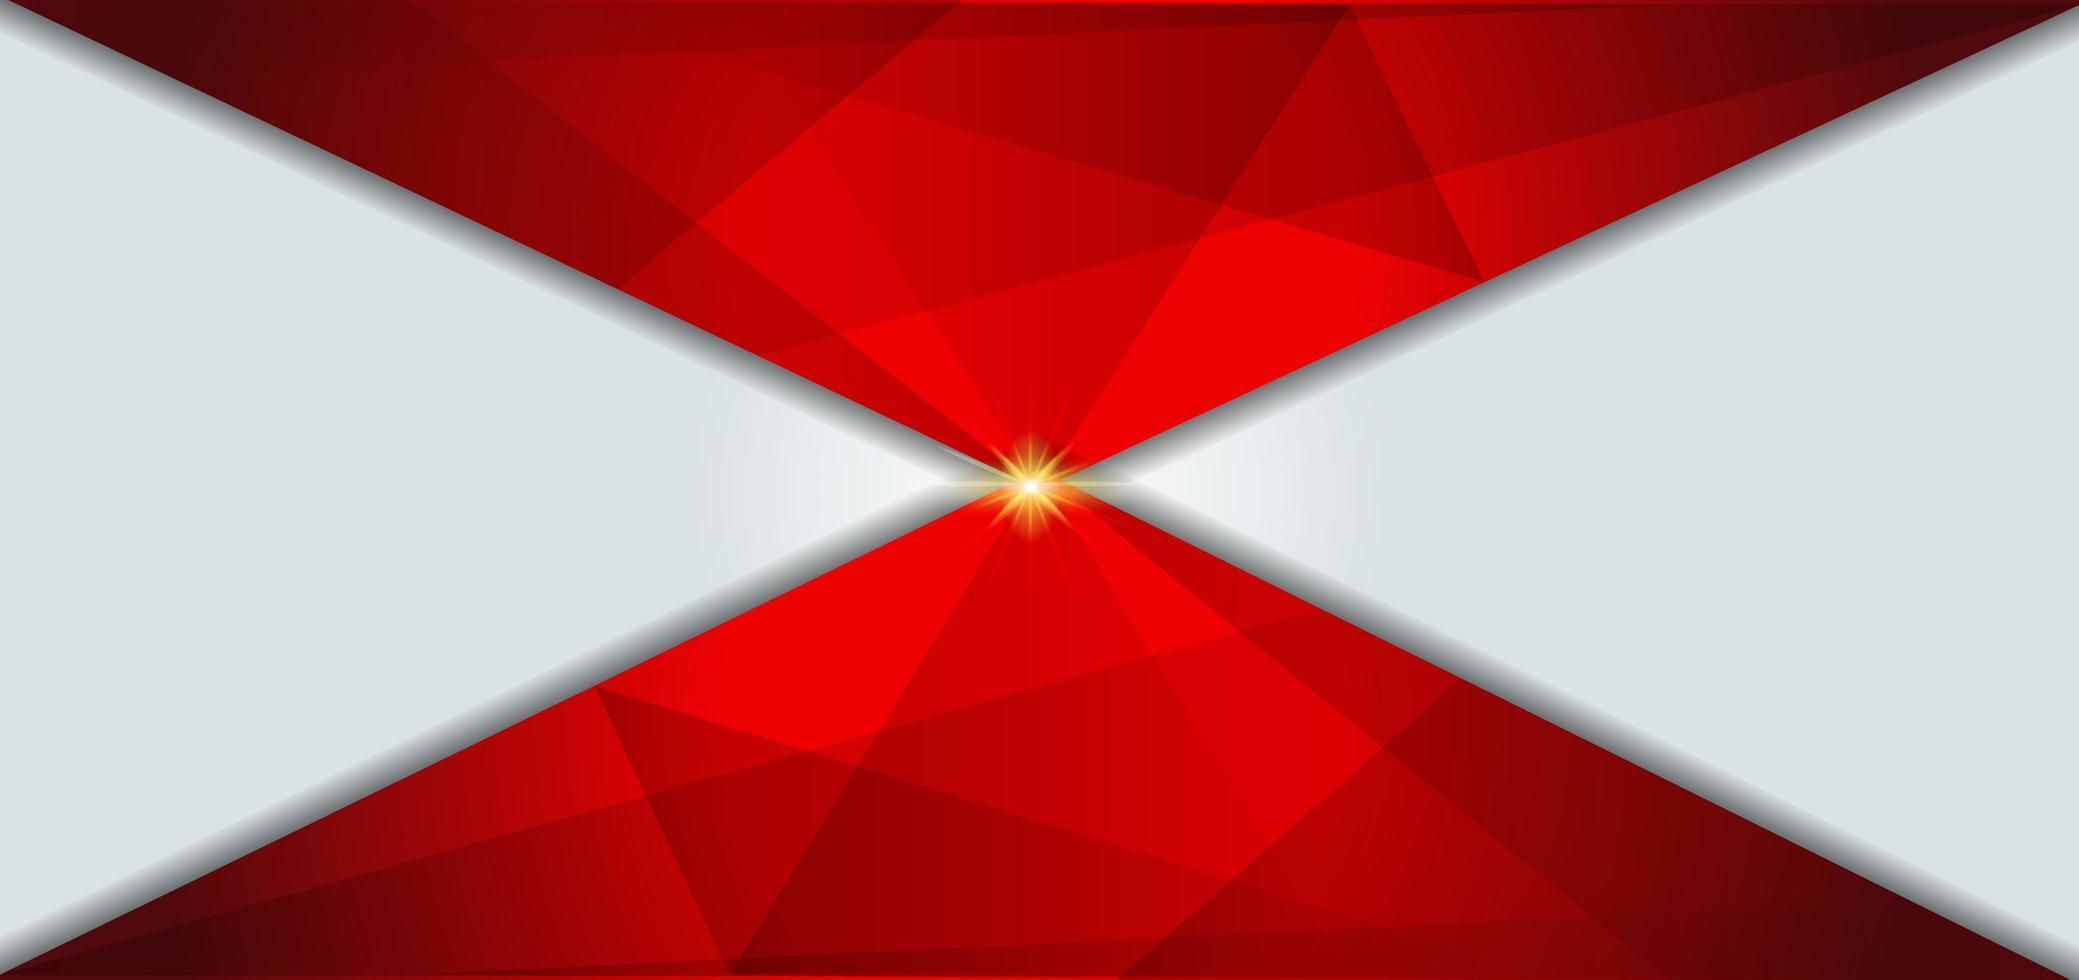 geometrischer weißer und roter Hintergrund vektor